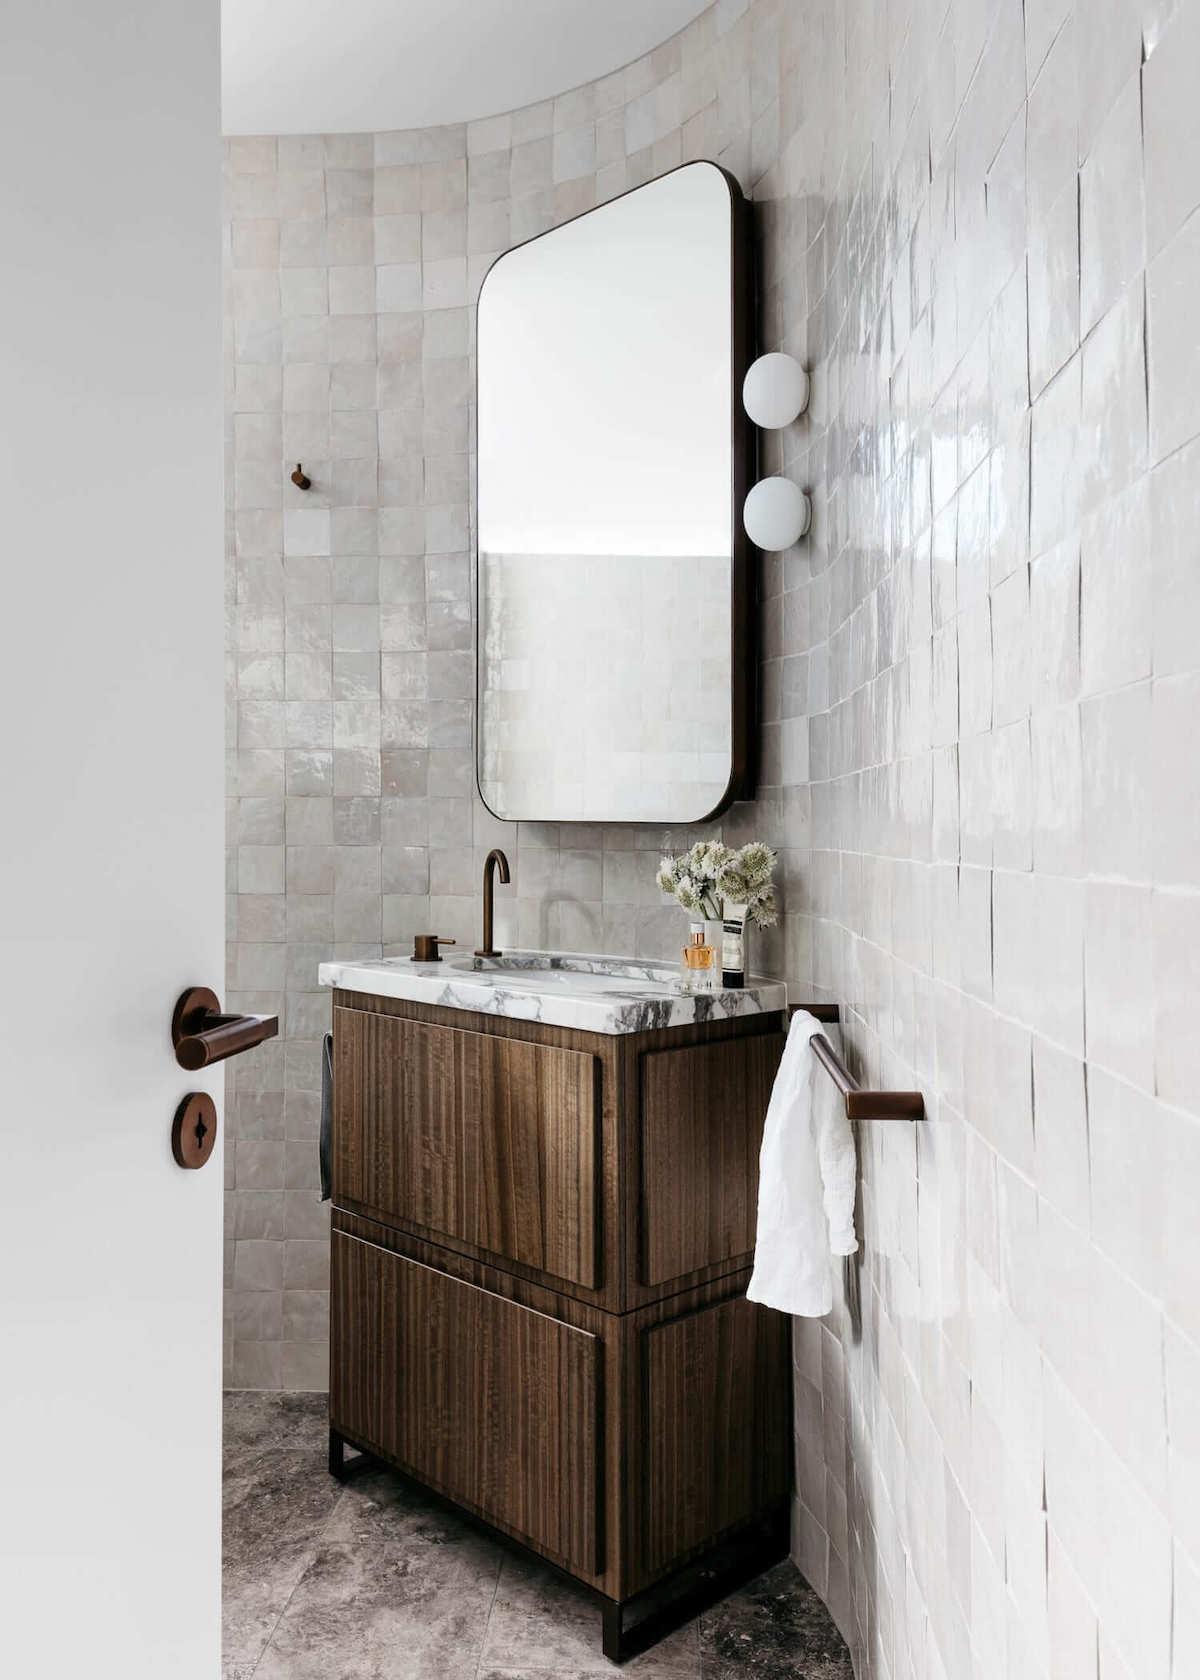 salle de bain carrelage luisant blanc mobilier bois brut rustique